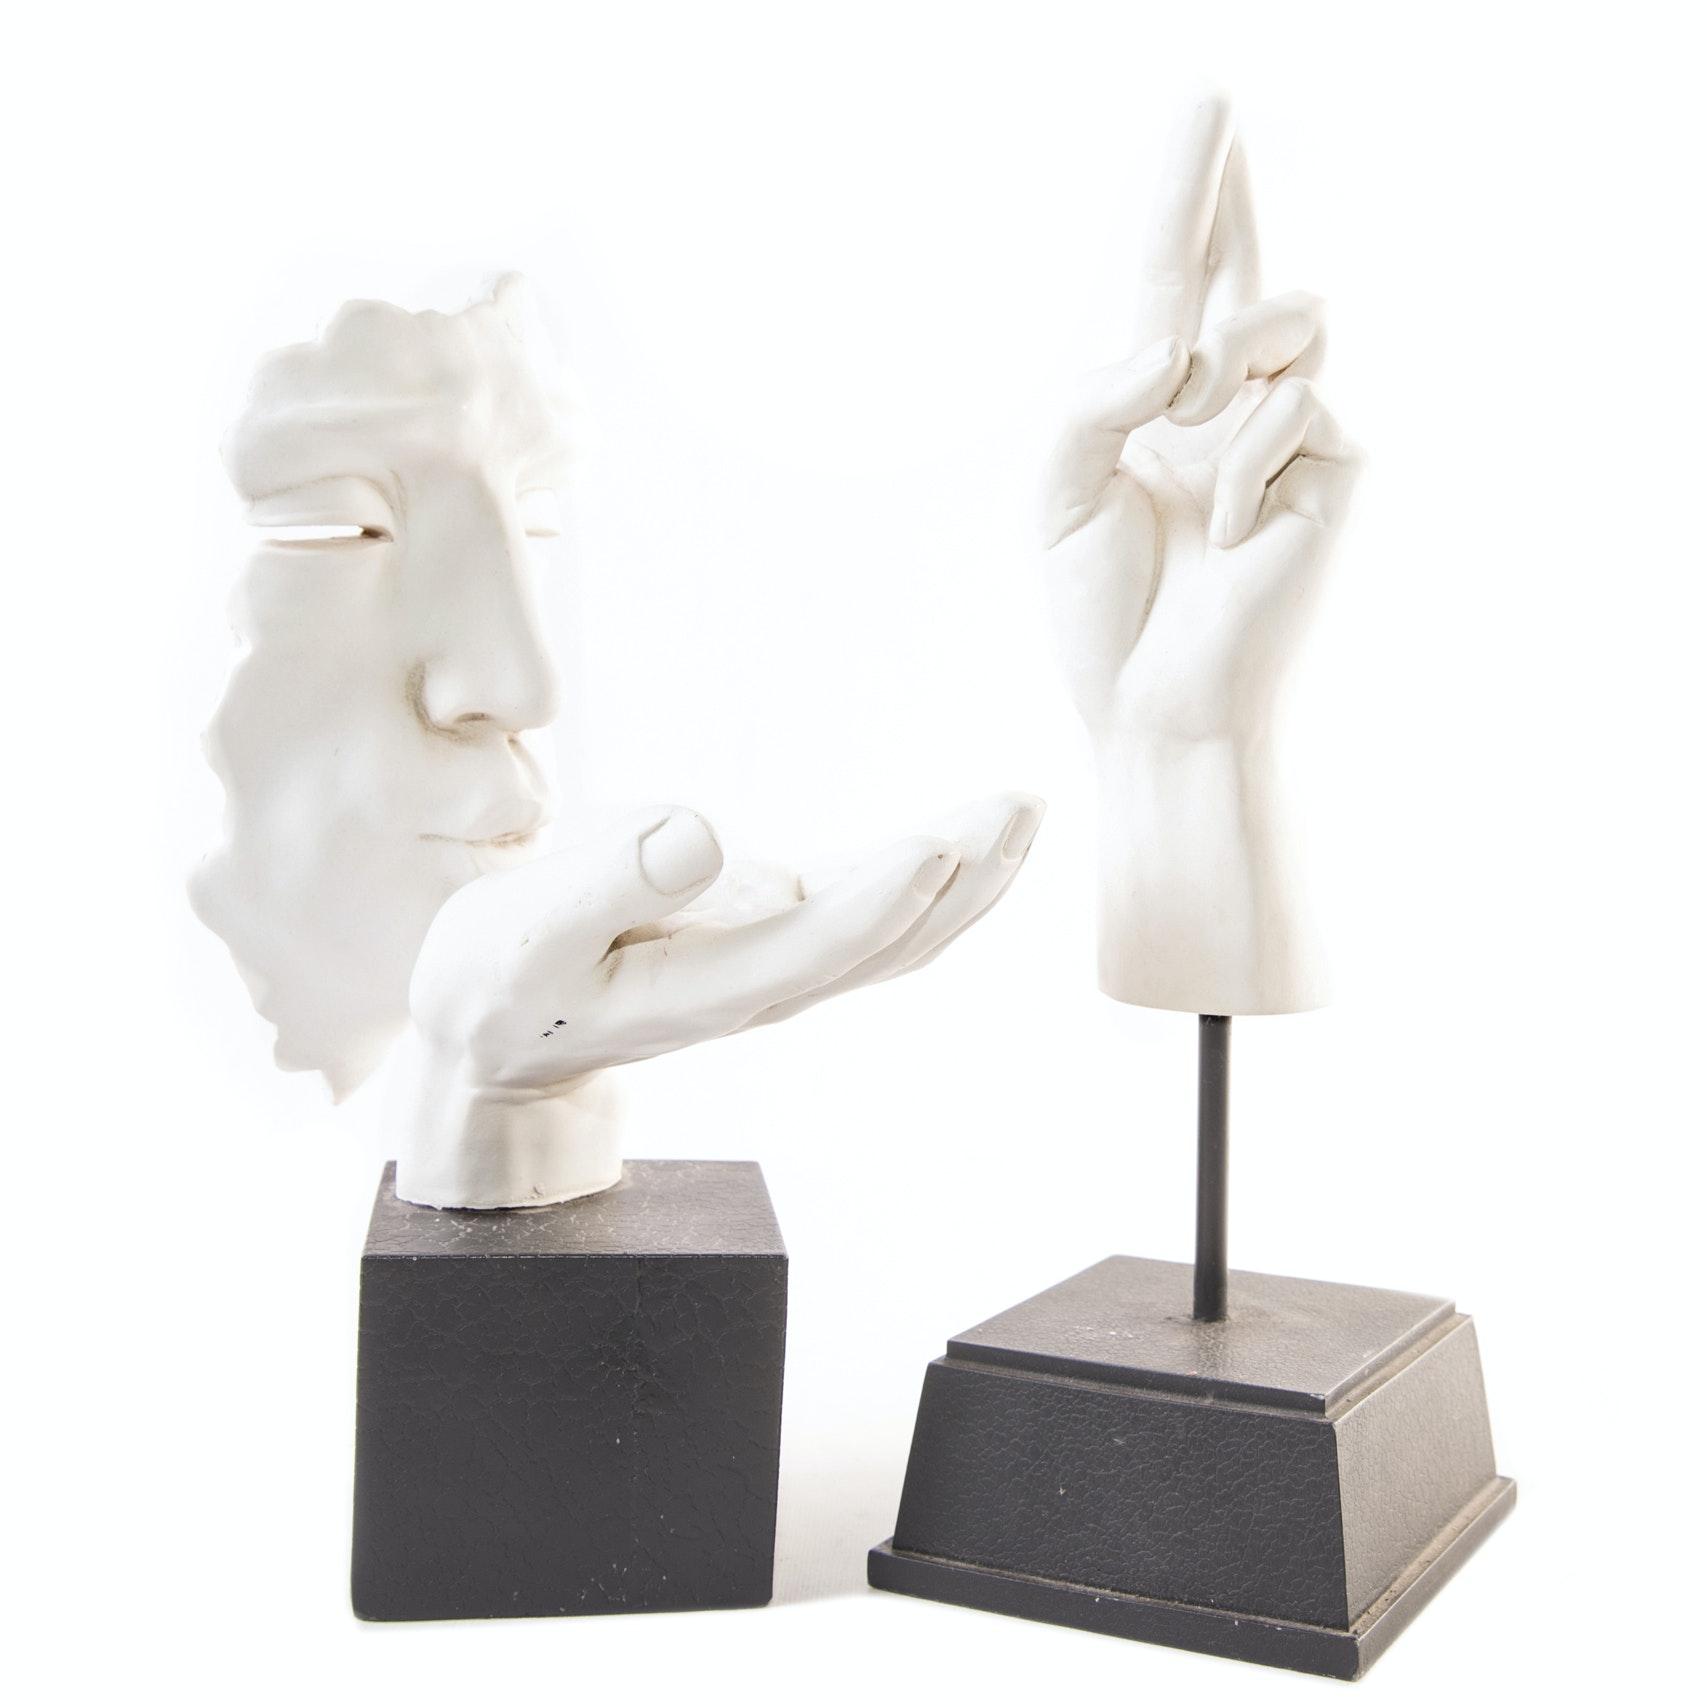 Cast Resin Hand Sculptures